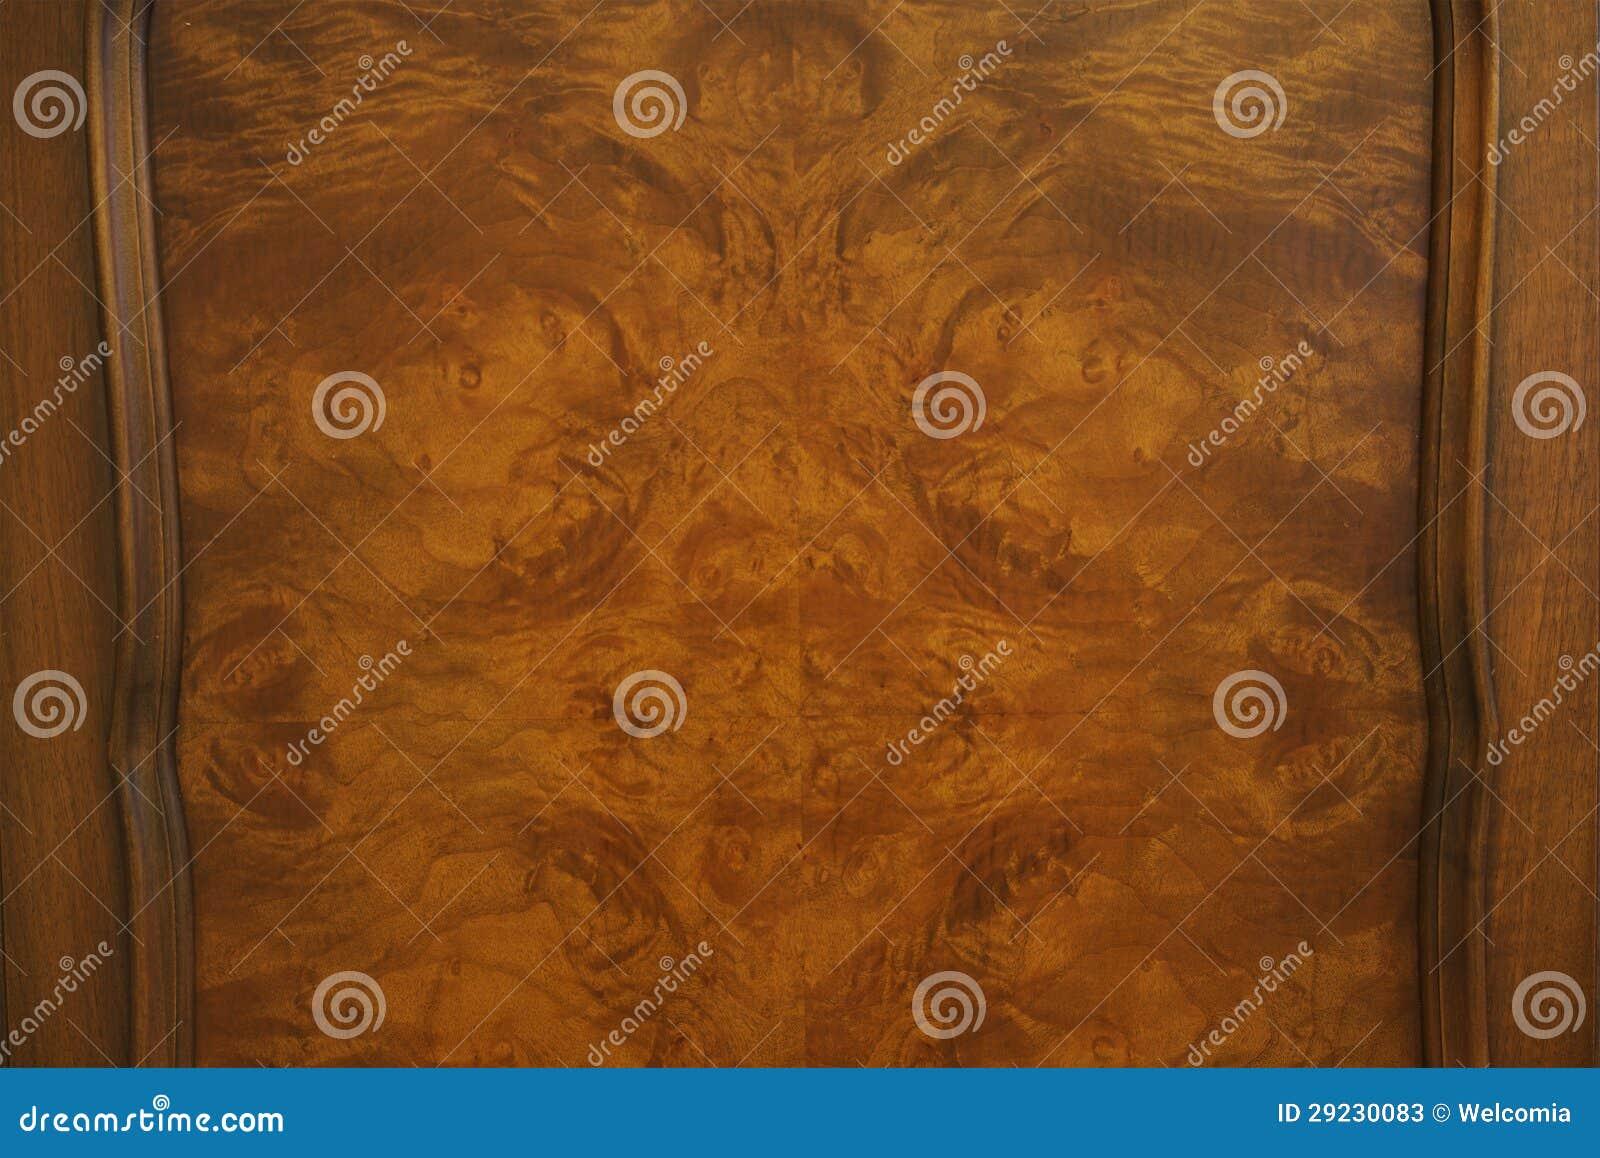 Download Fundo de madeira antigo imagem de stock. Imagem de backdrop - 29230083